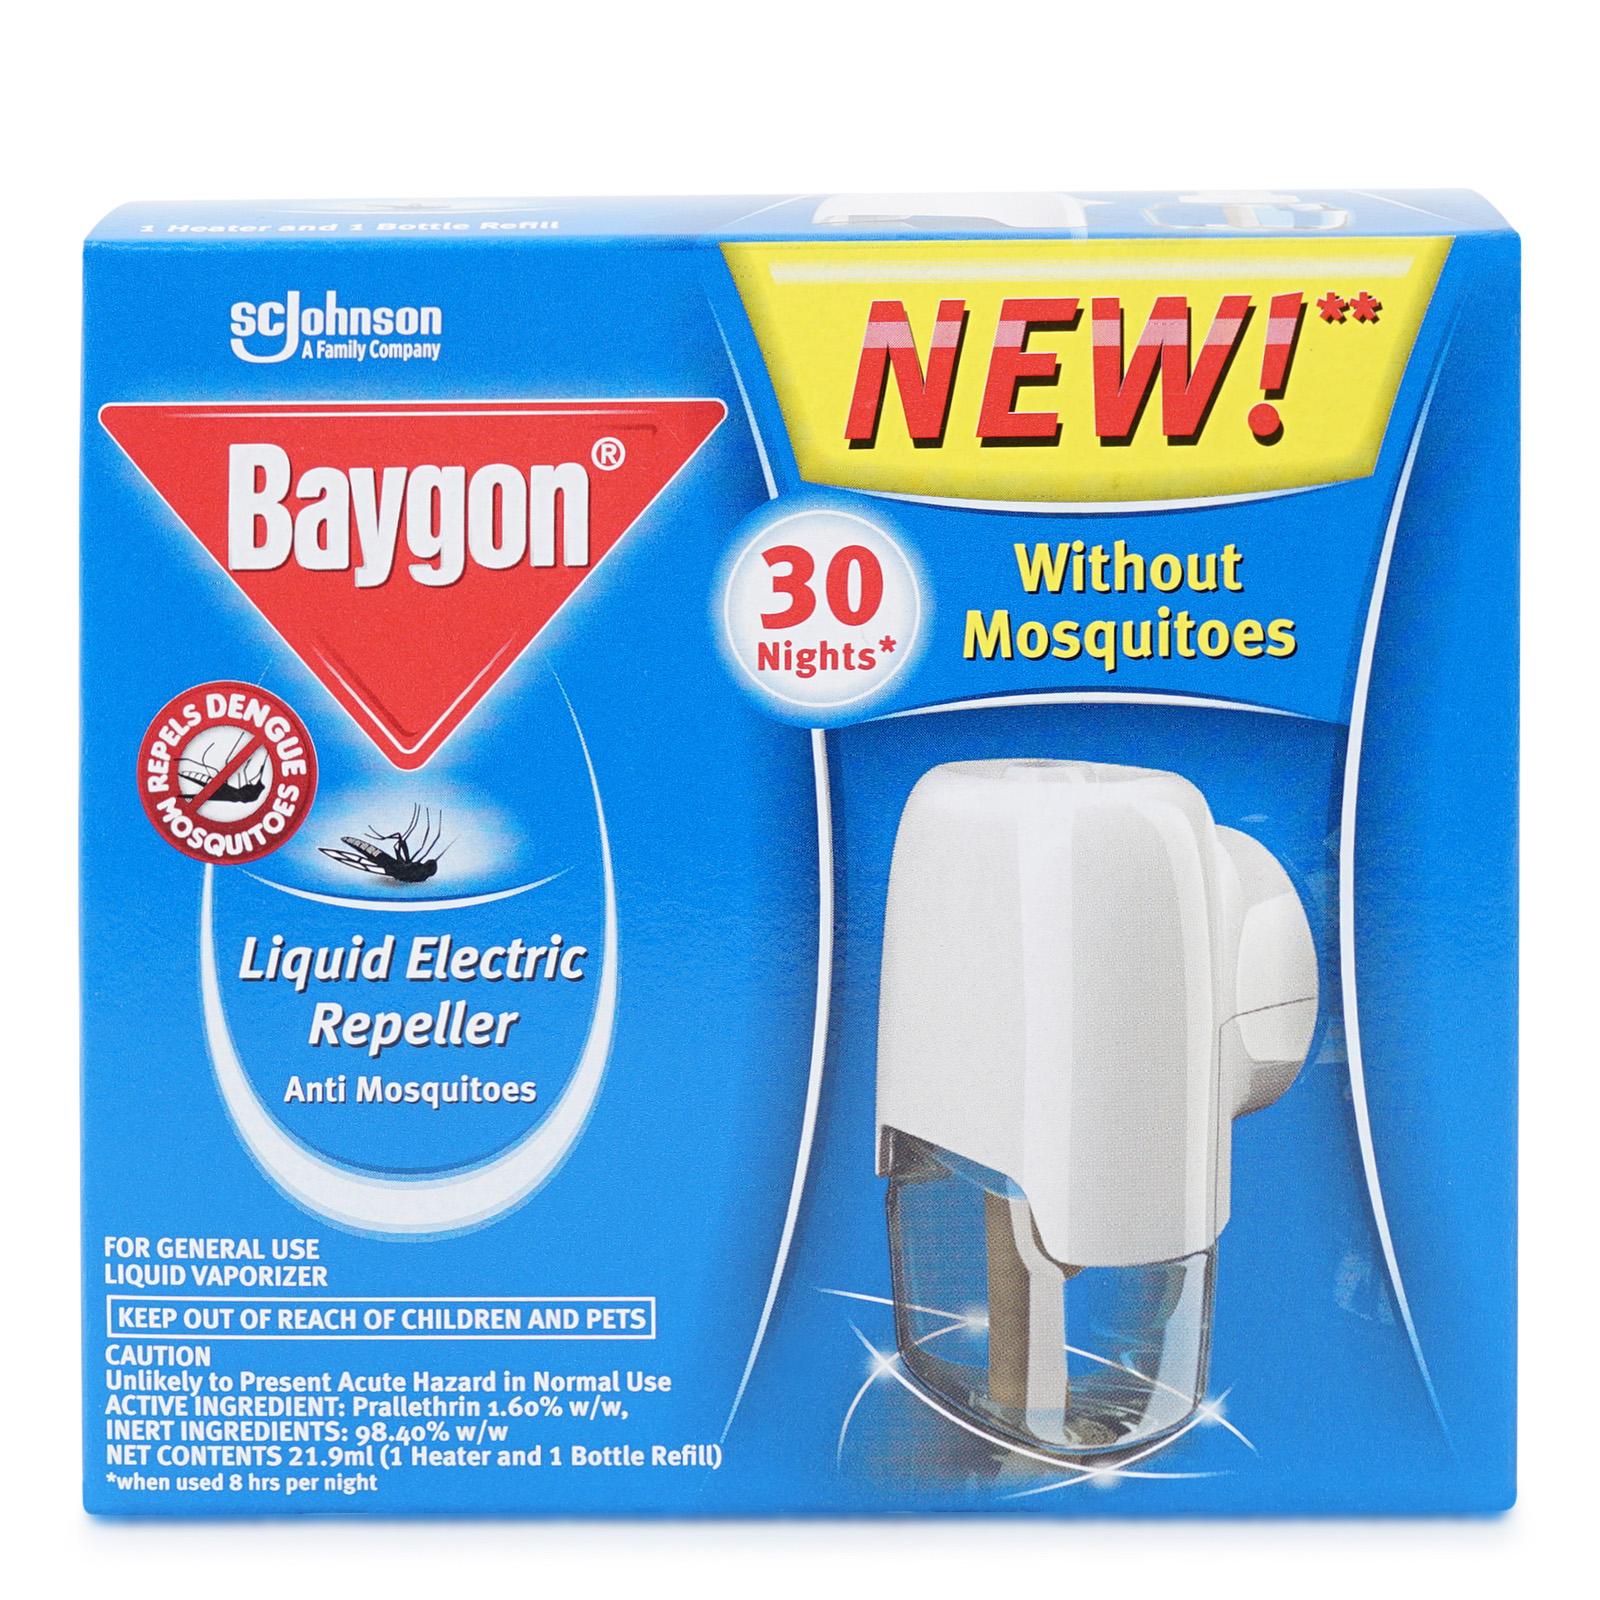 Mosquito Repellent Liquid Electric Repeller